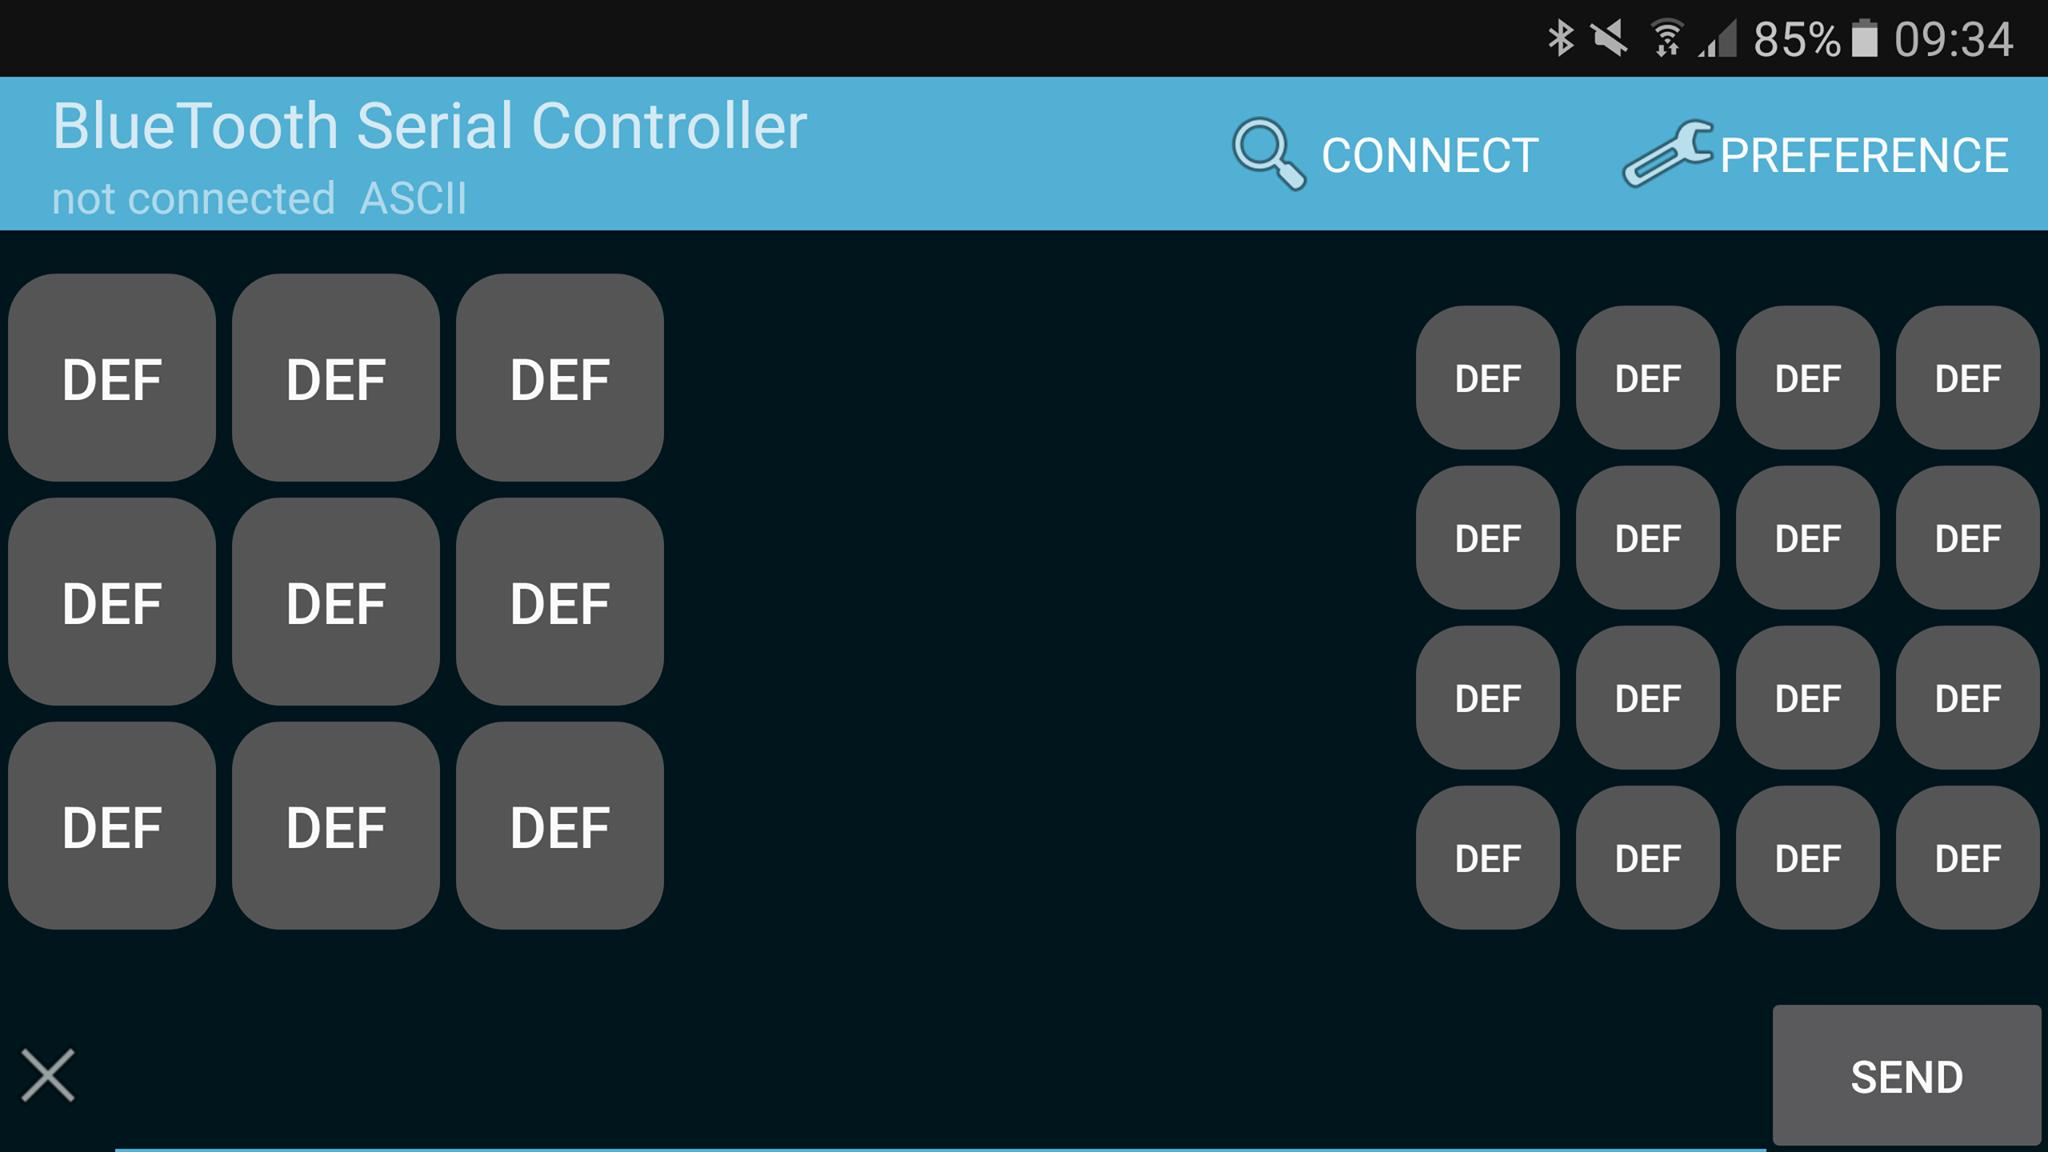 écran d'accueil de l'application